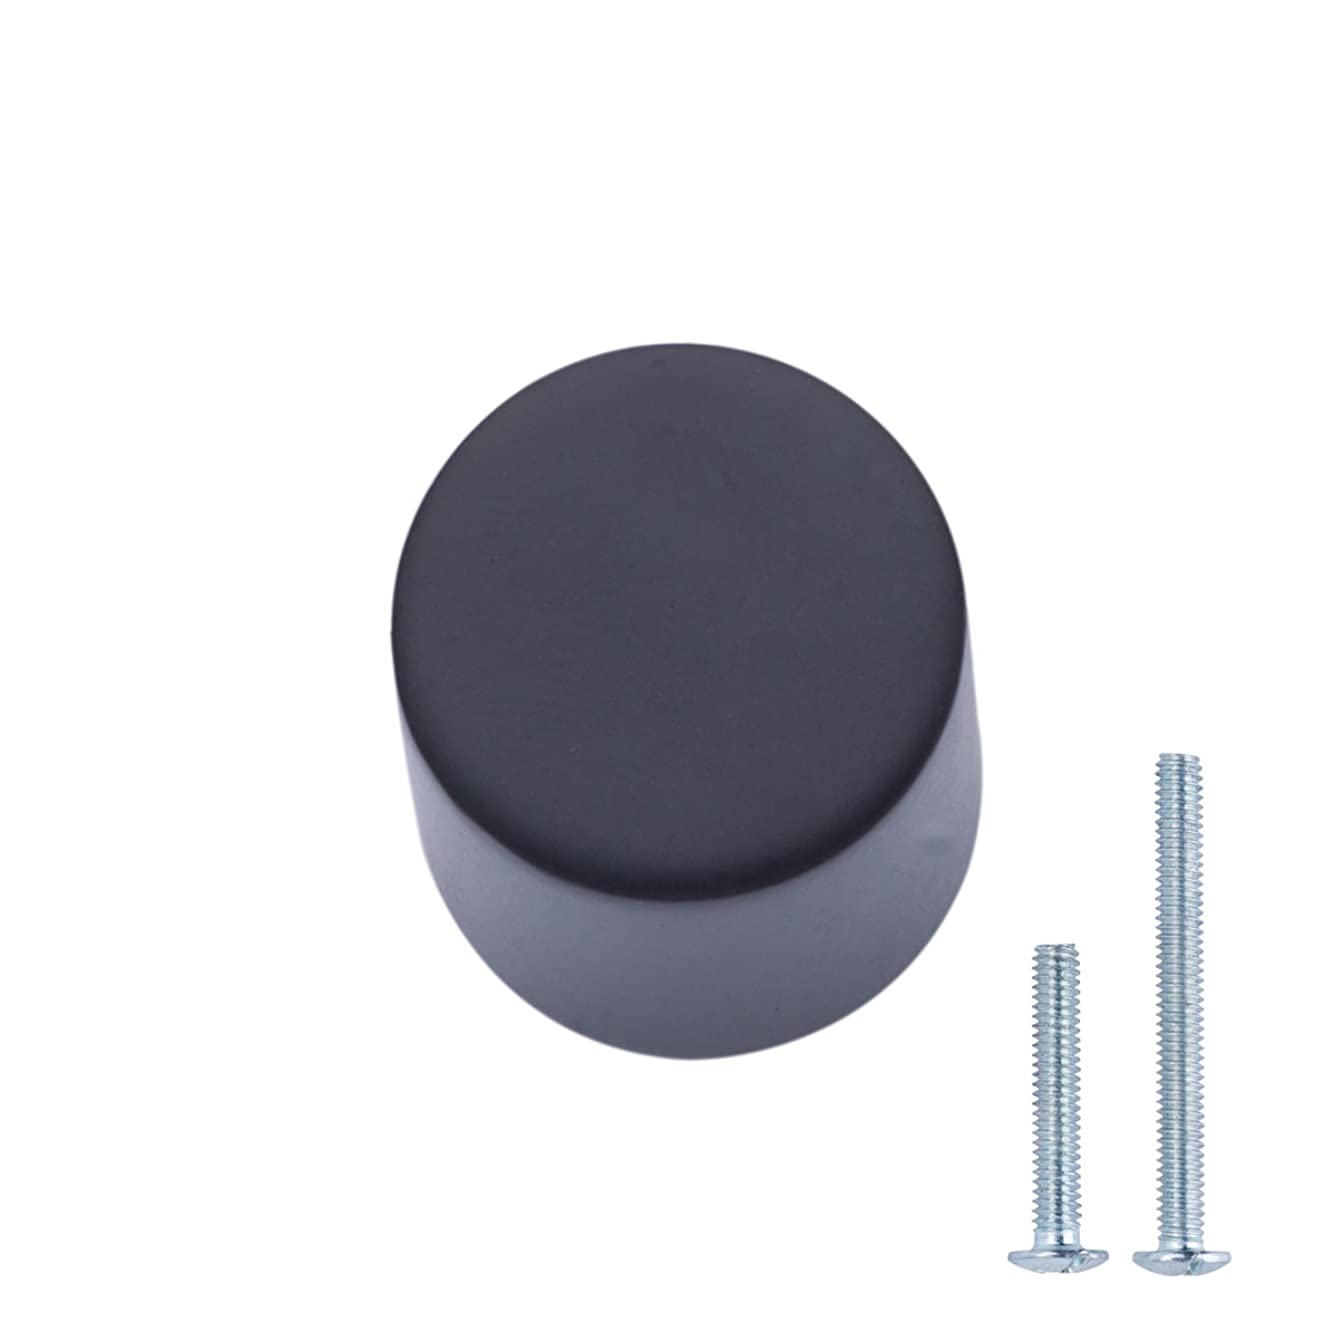 AmazonBasics Whistle Cabinet Knob, 0.75